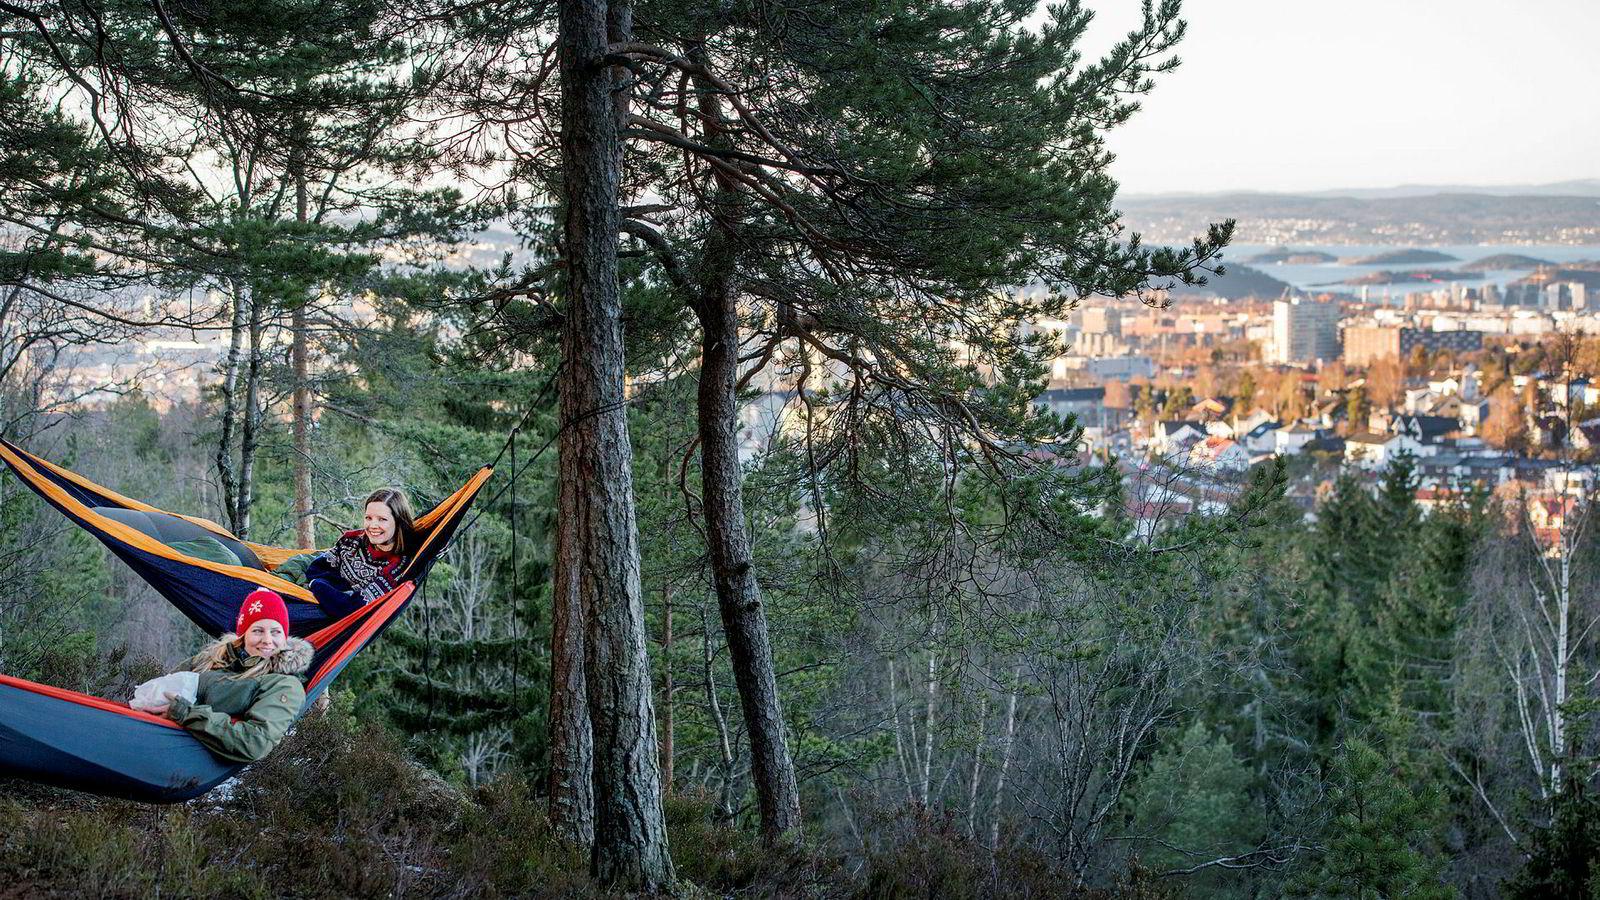 Søstrene Stine og Hege Schultz Heireng har fått mye oppmerksomhet for prosjektet der de gjennomførte 52 turer i løpet av 52 uker i fjor. Over halvparten var korte turer i nærområdet, her på Årvollåsen i Oslo.